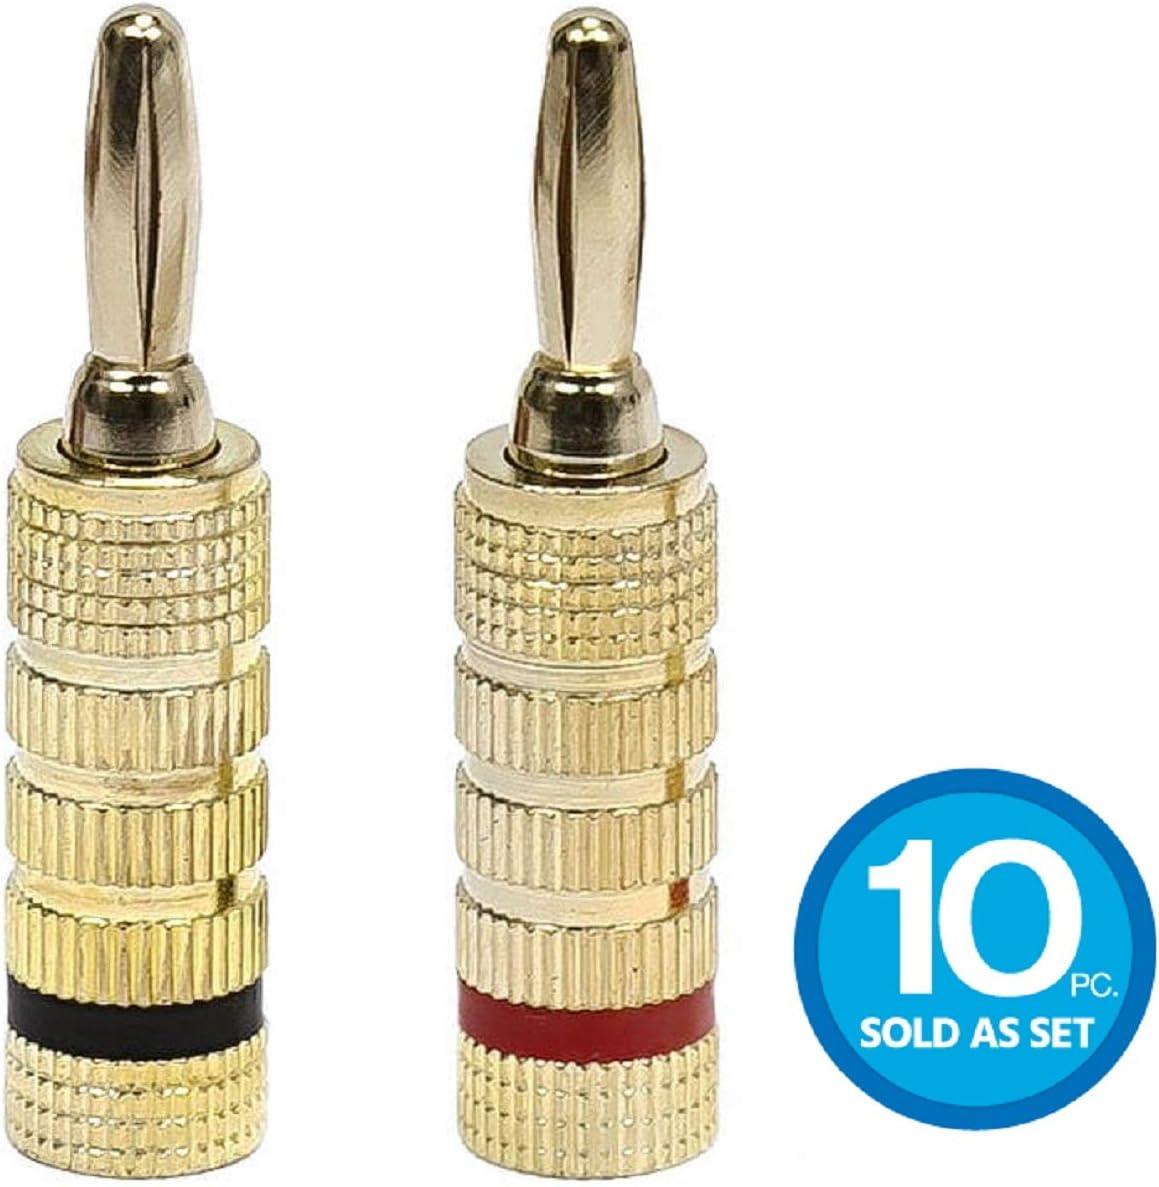 Monoprice 24k Gold Plated Speaker Banana Plugs, Closed Screw Type (10 Pairs)